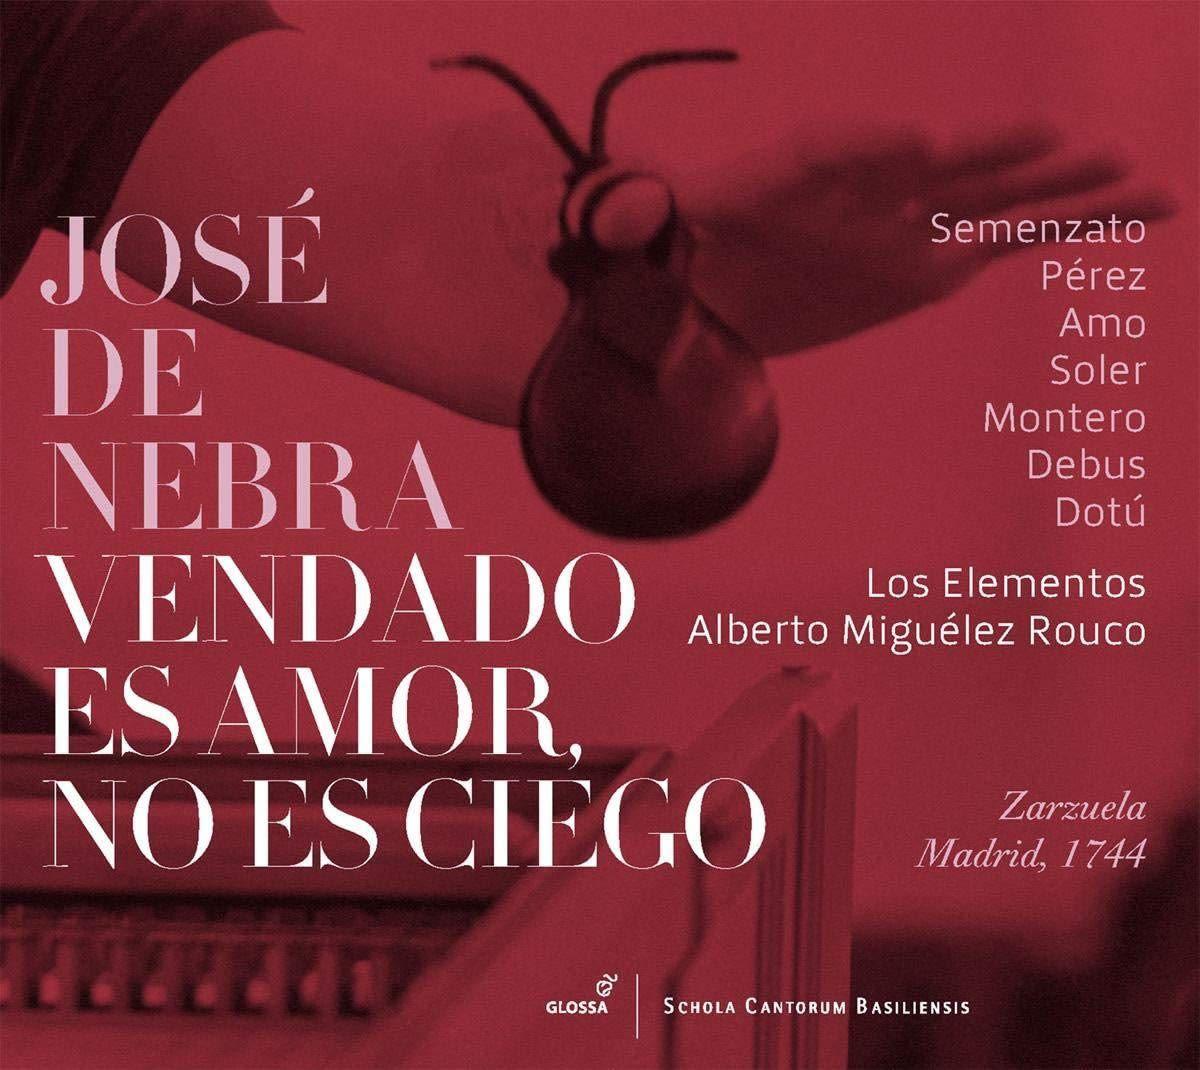 Photo No.1 of Jose de Nebra: Vendado Es Amor, No Es Ciego